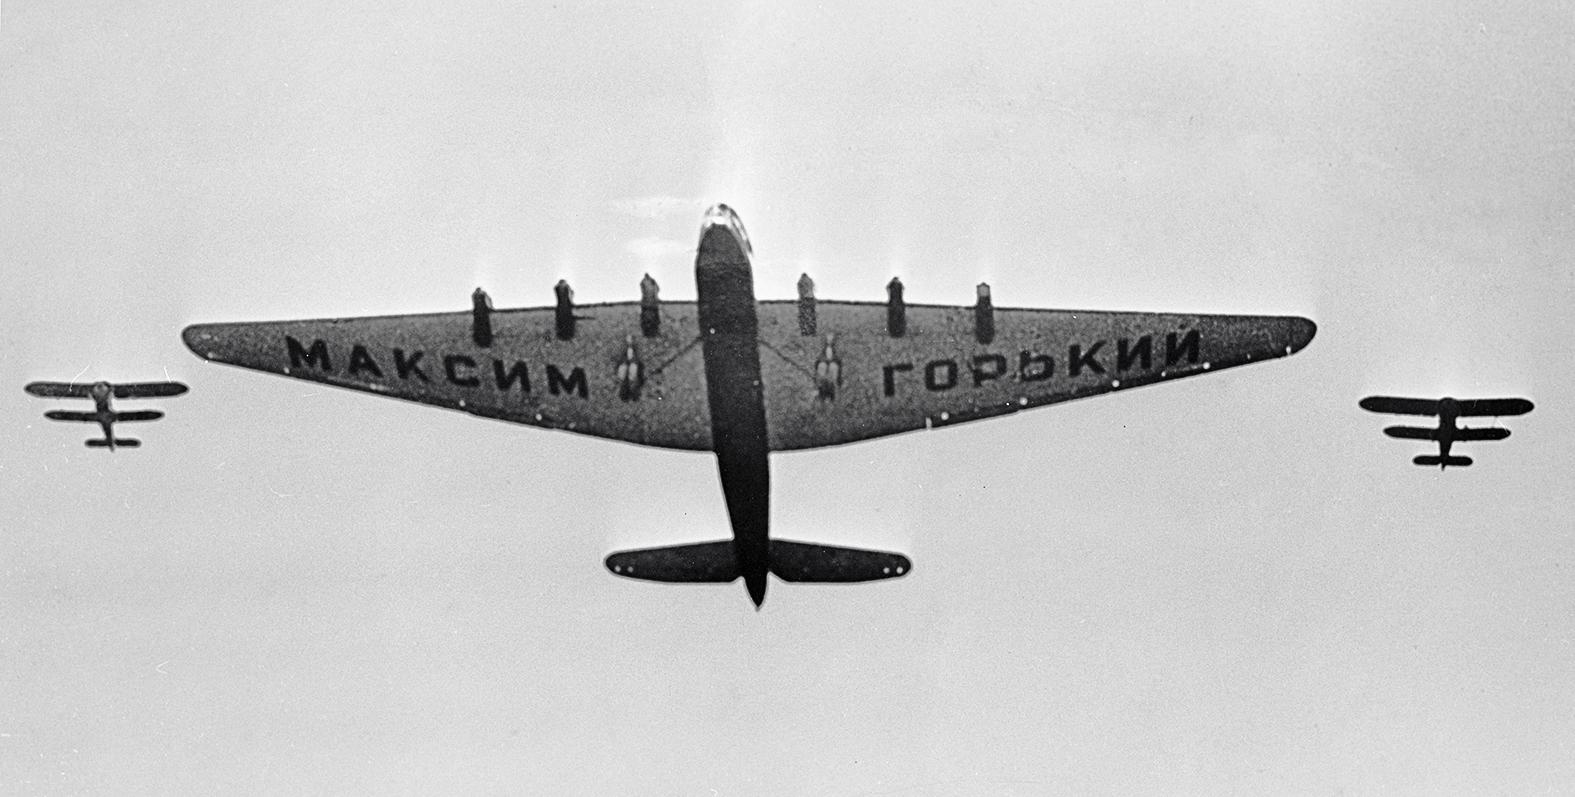 A Makszim Gorkij 1934. május 1-jén, egy évvel a lezuhanását megelőzően, hasonló formációban mint a tragédia idején #moszkvater